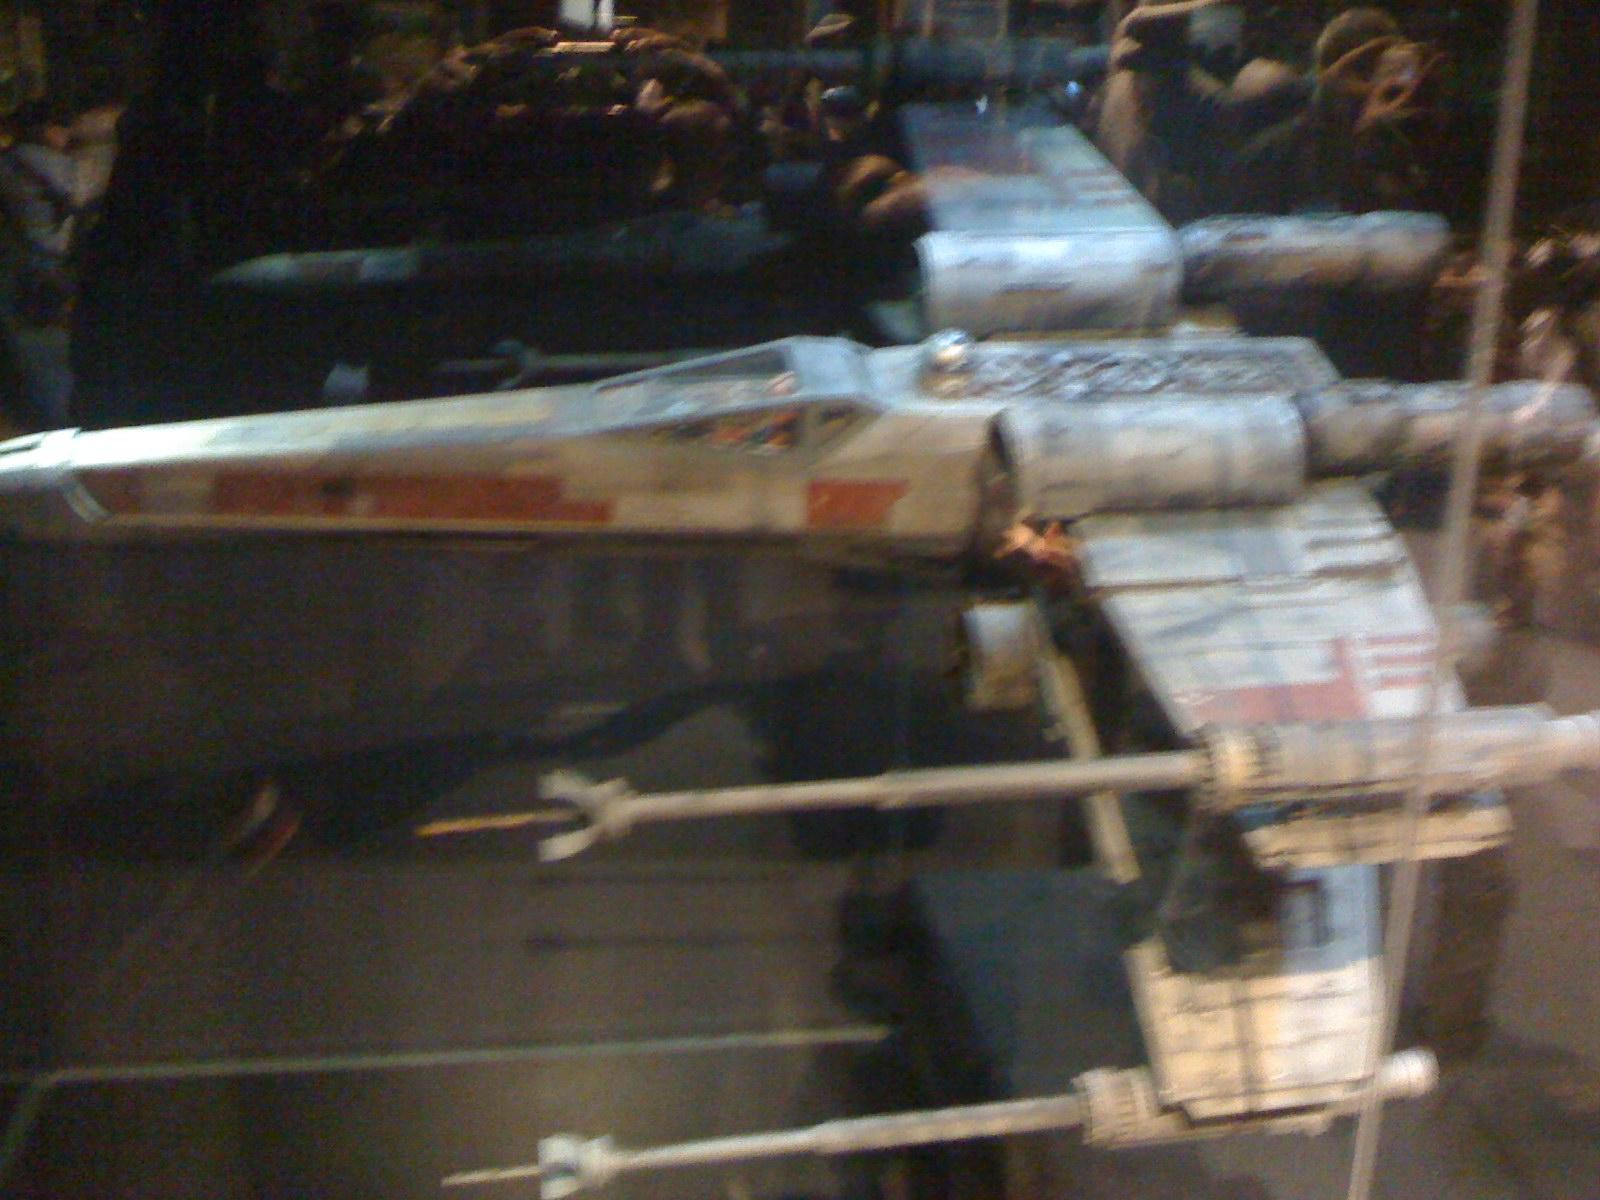 Star Wars Exhibit, The Franklin Institute